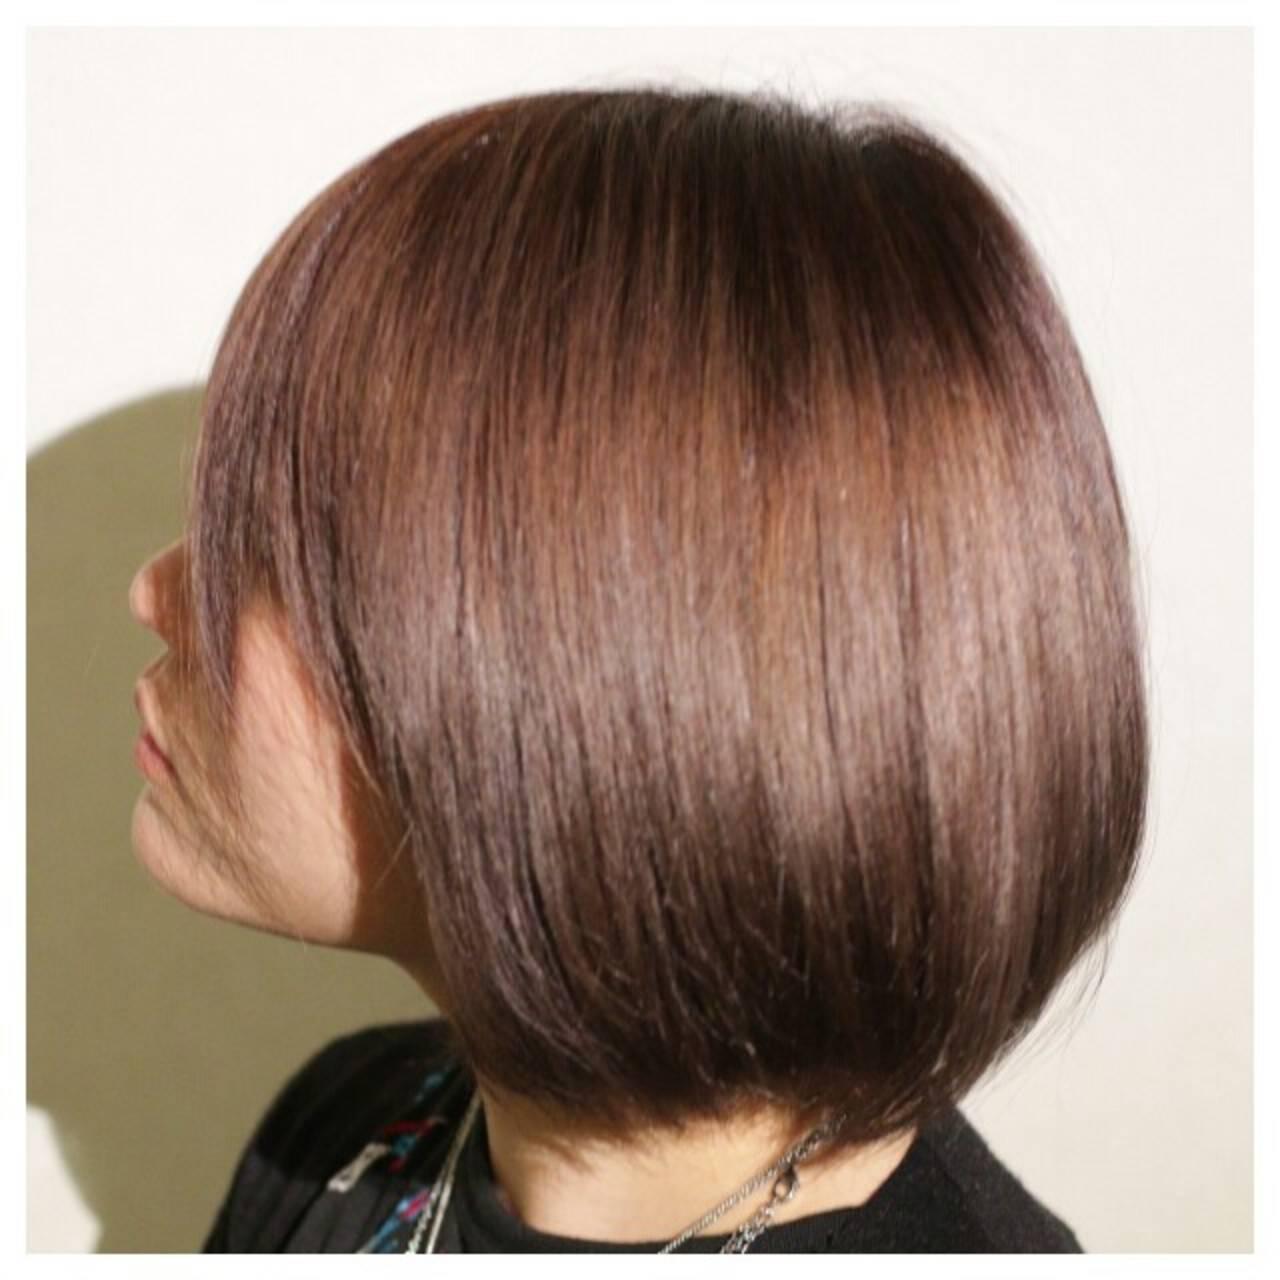 アッシュ ストレート 縮毛矯正 大人かわいいヘアスタイルや髪型の写真・画像